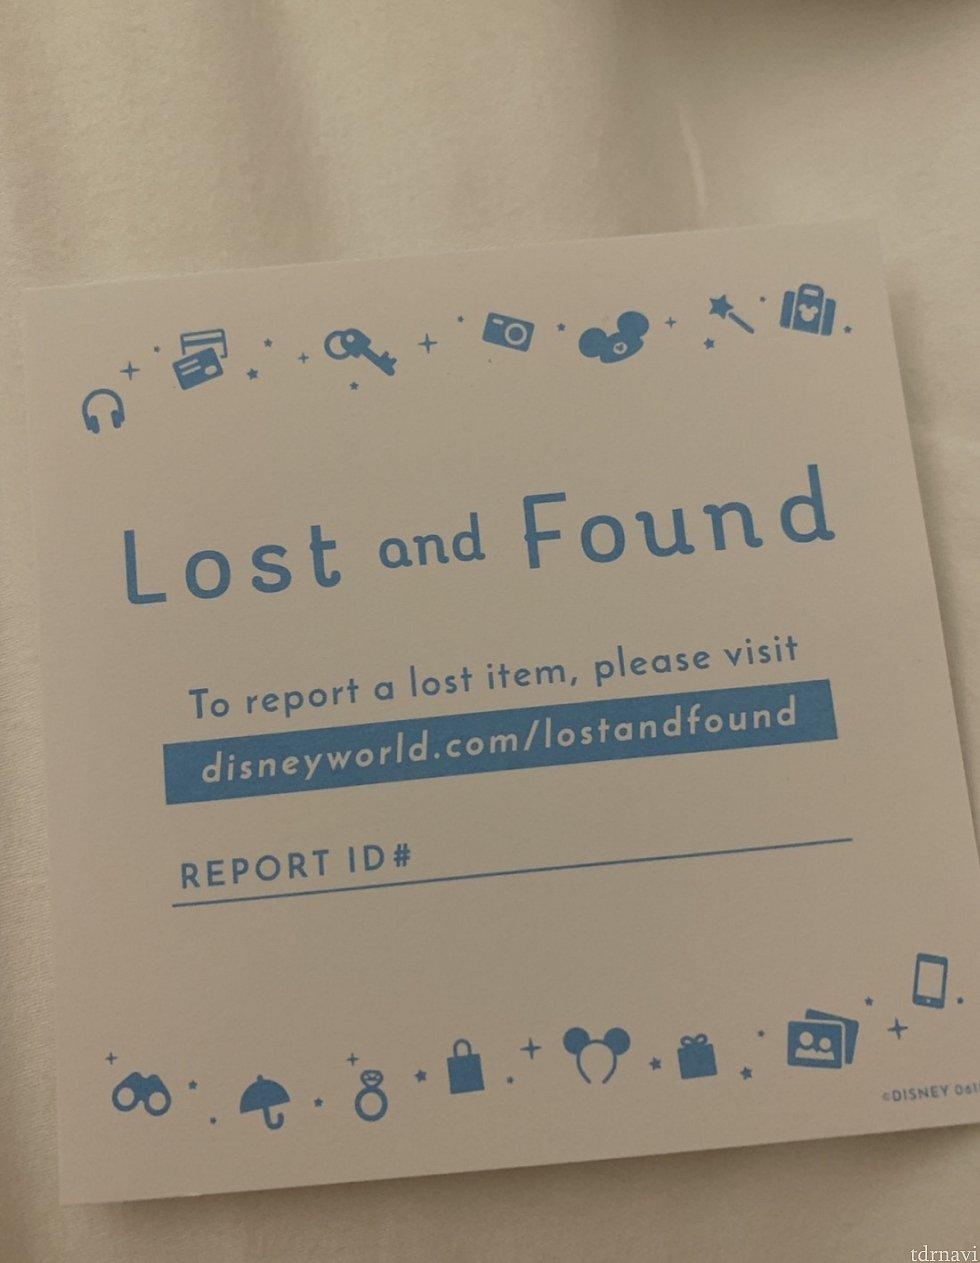 諦めの悪い私にゲスリレの方がくれた「Lost and Found」の紙。ここにアクセスすると落とし物を登録することができます。